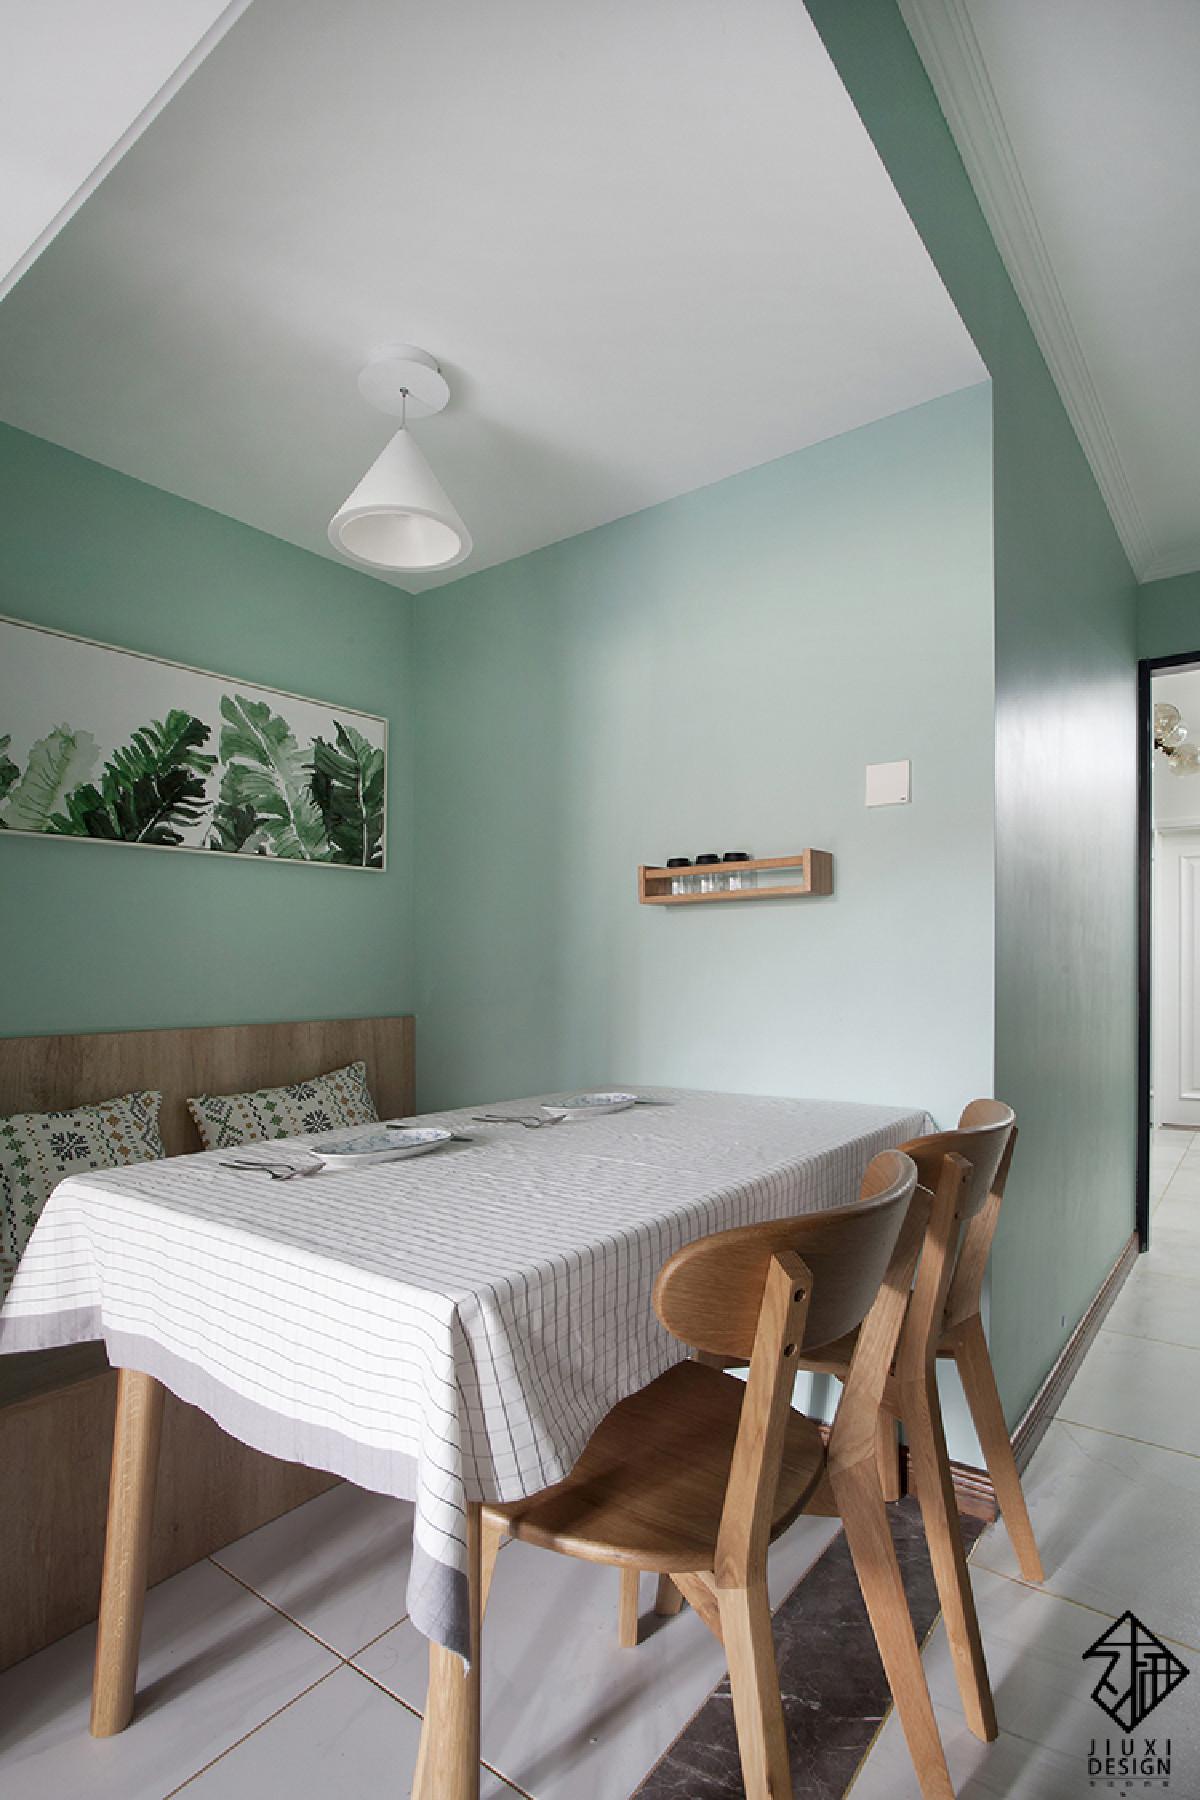 餐桌依靠的这道墙,之前是卫生间的门洞,经过设计改动后,改在了客厅的方向。而这片区域临近厨房,又可以借到一定的采光,作为被挤出来的餐厅是最适合不过的了。